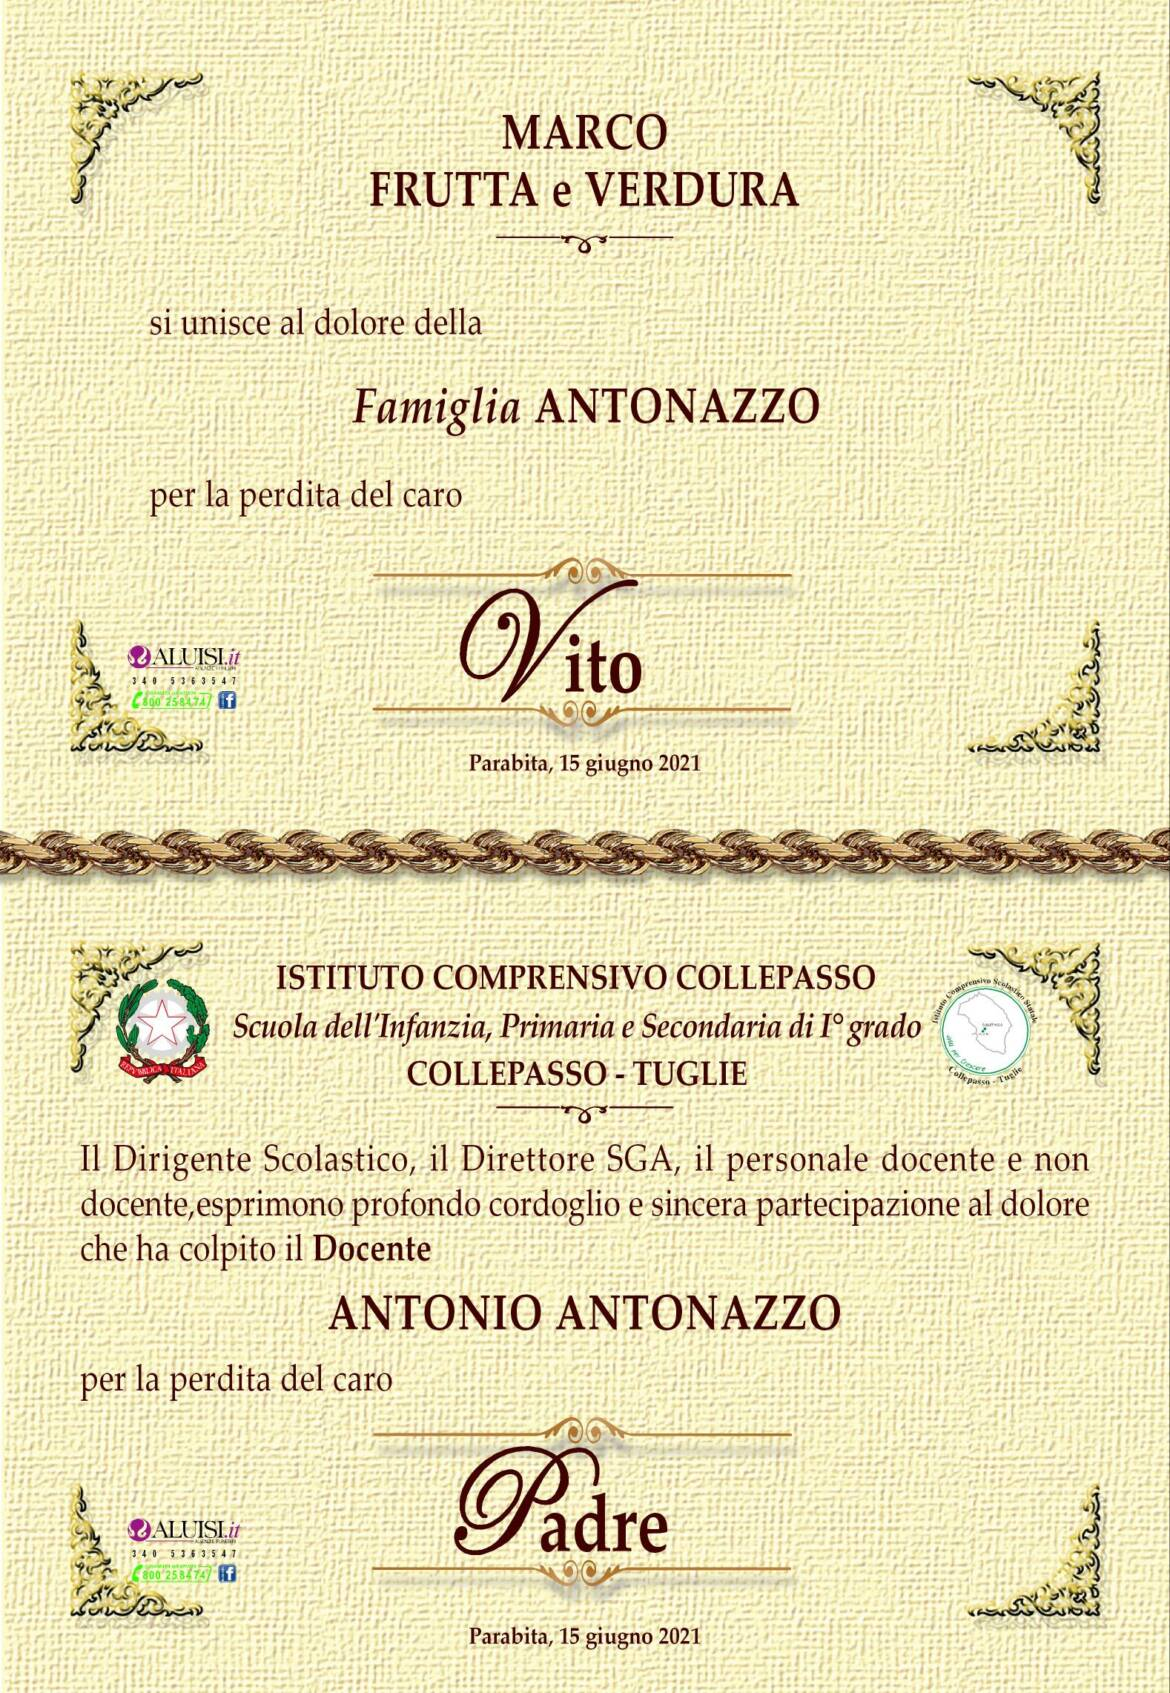 PARTECIPAZIONE-VITO-ANTONAZZO-Confratello-delle-Anime-Parabita-2.jpg